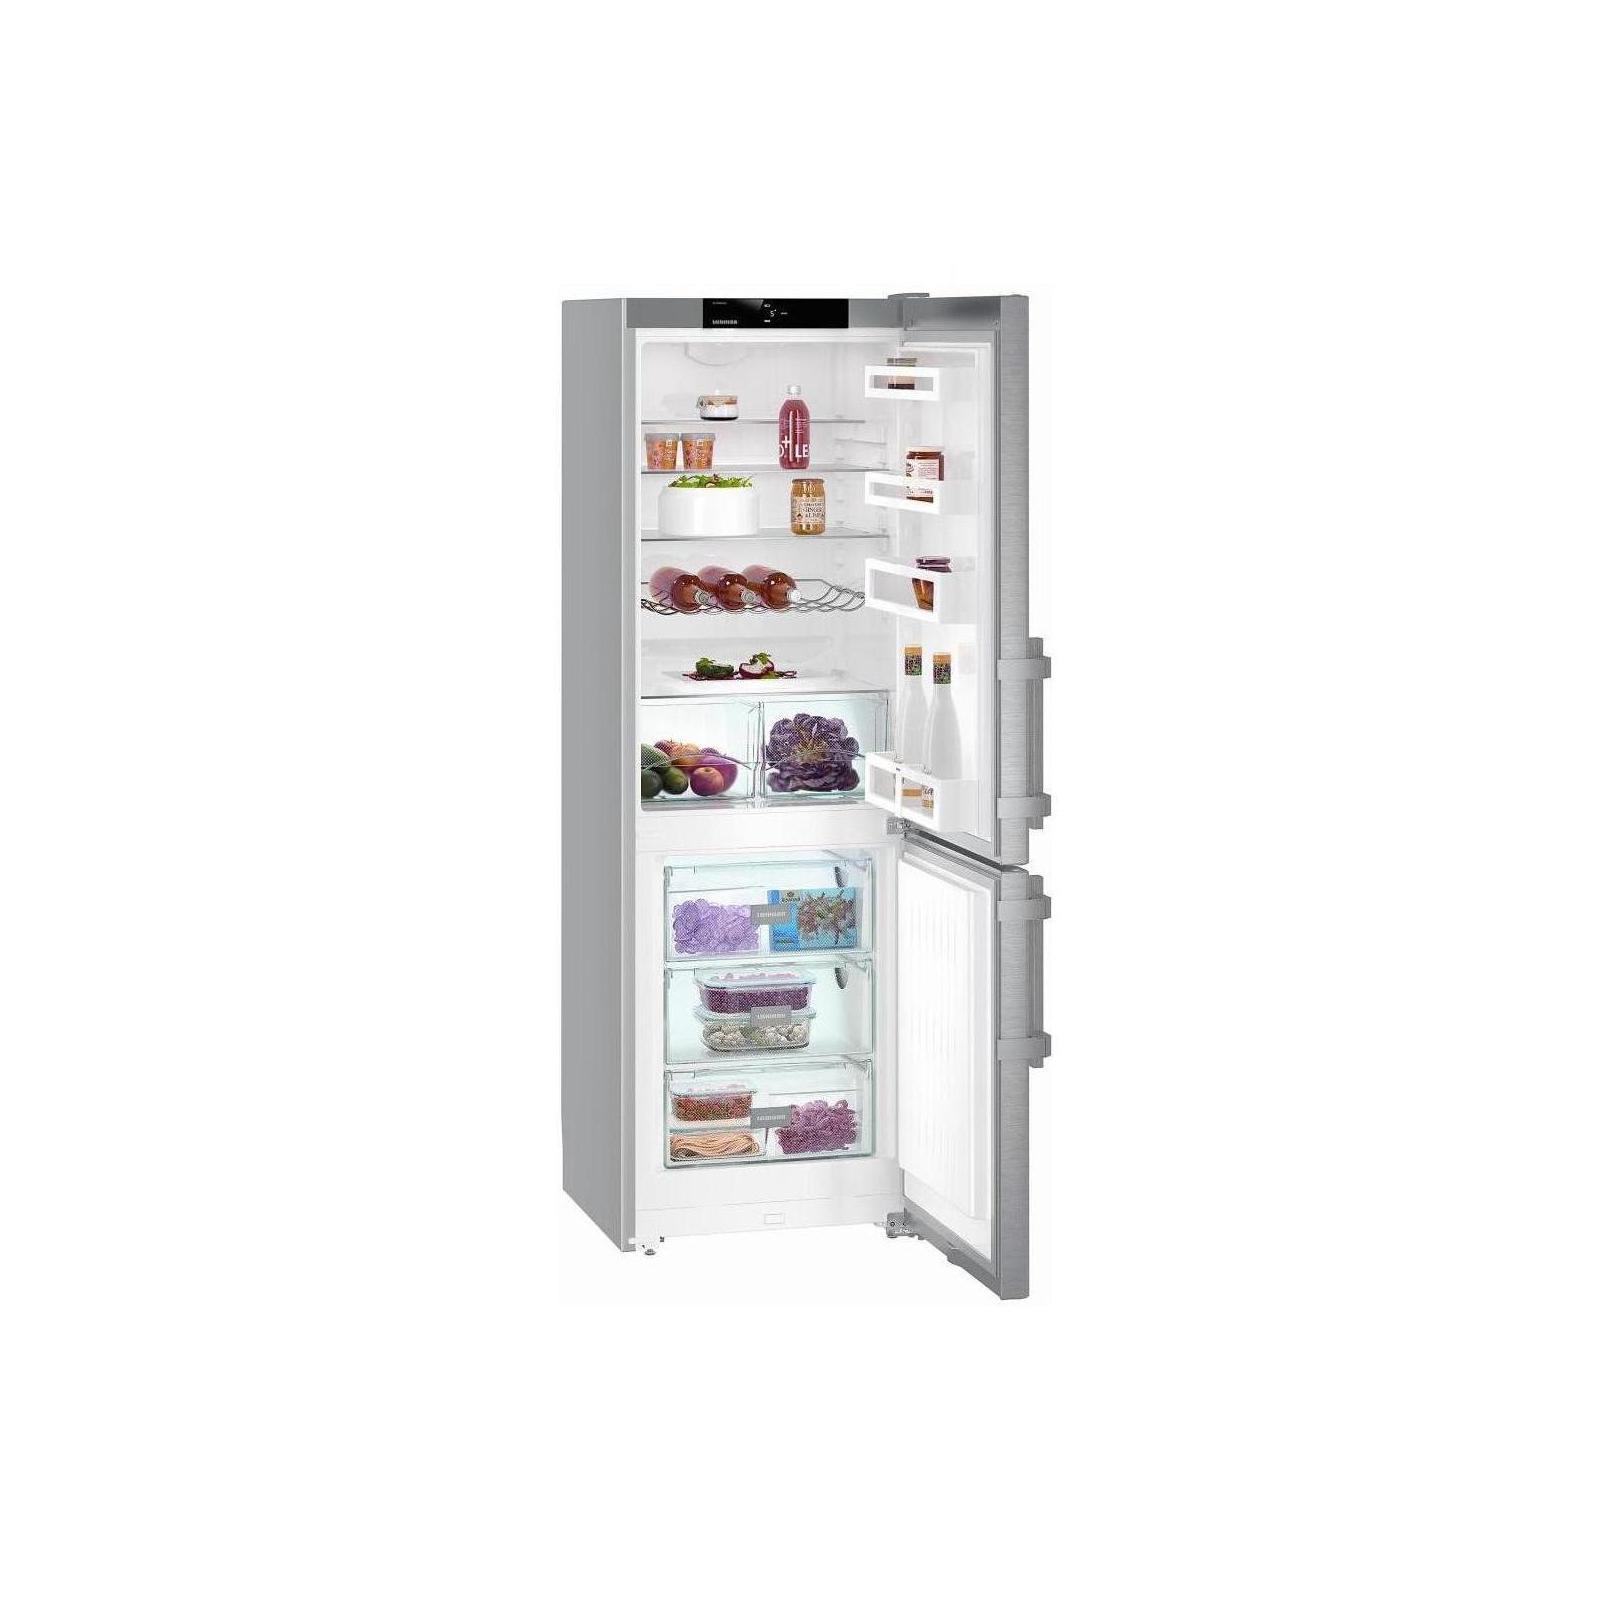 Холодильник Liebherr CUef 3515 изображение 4